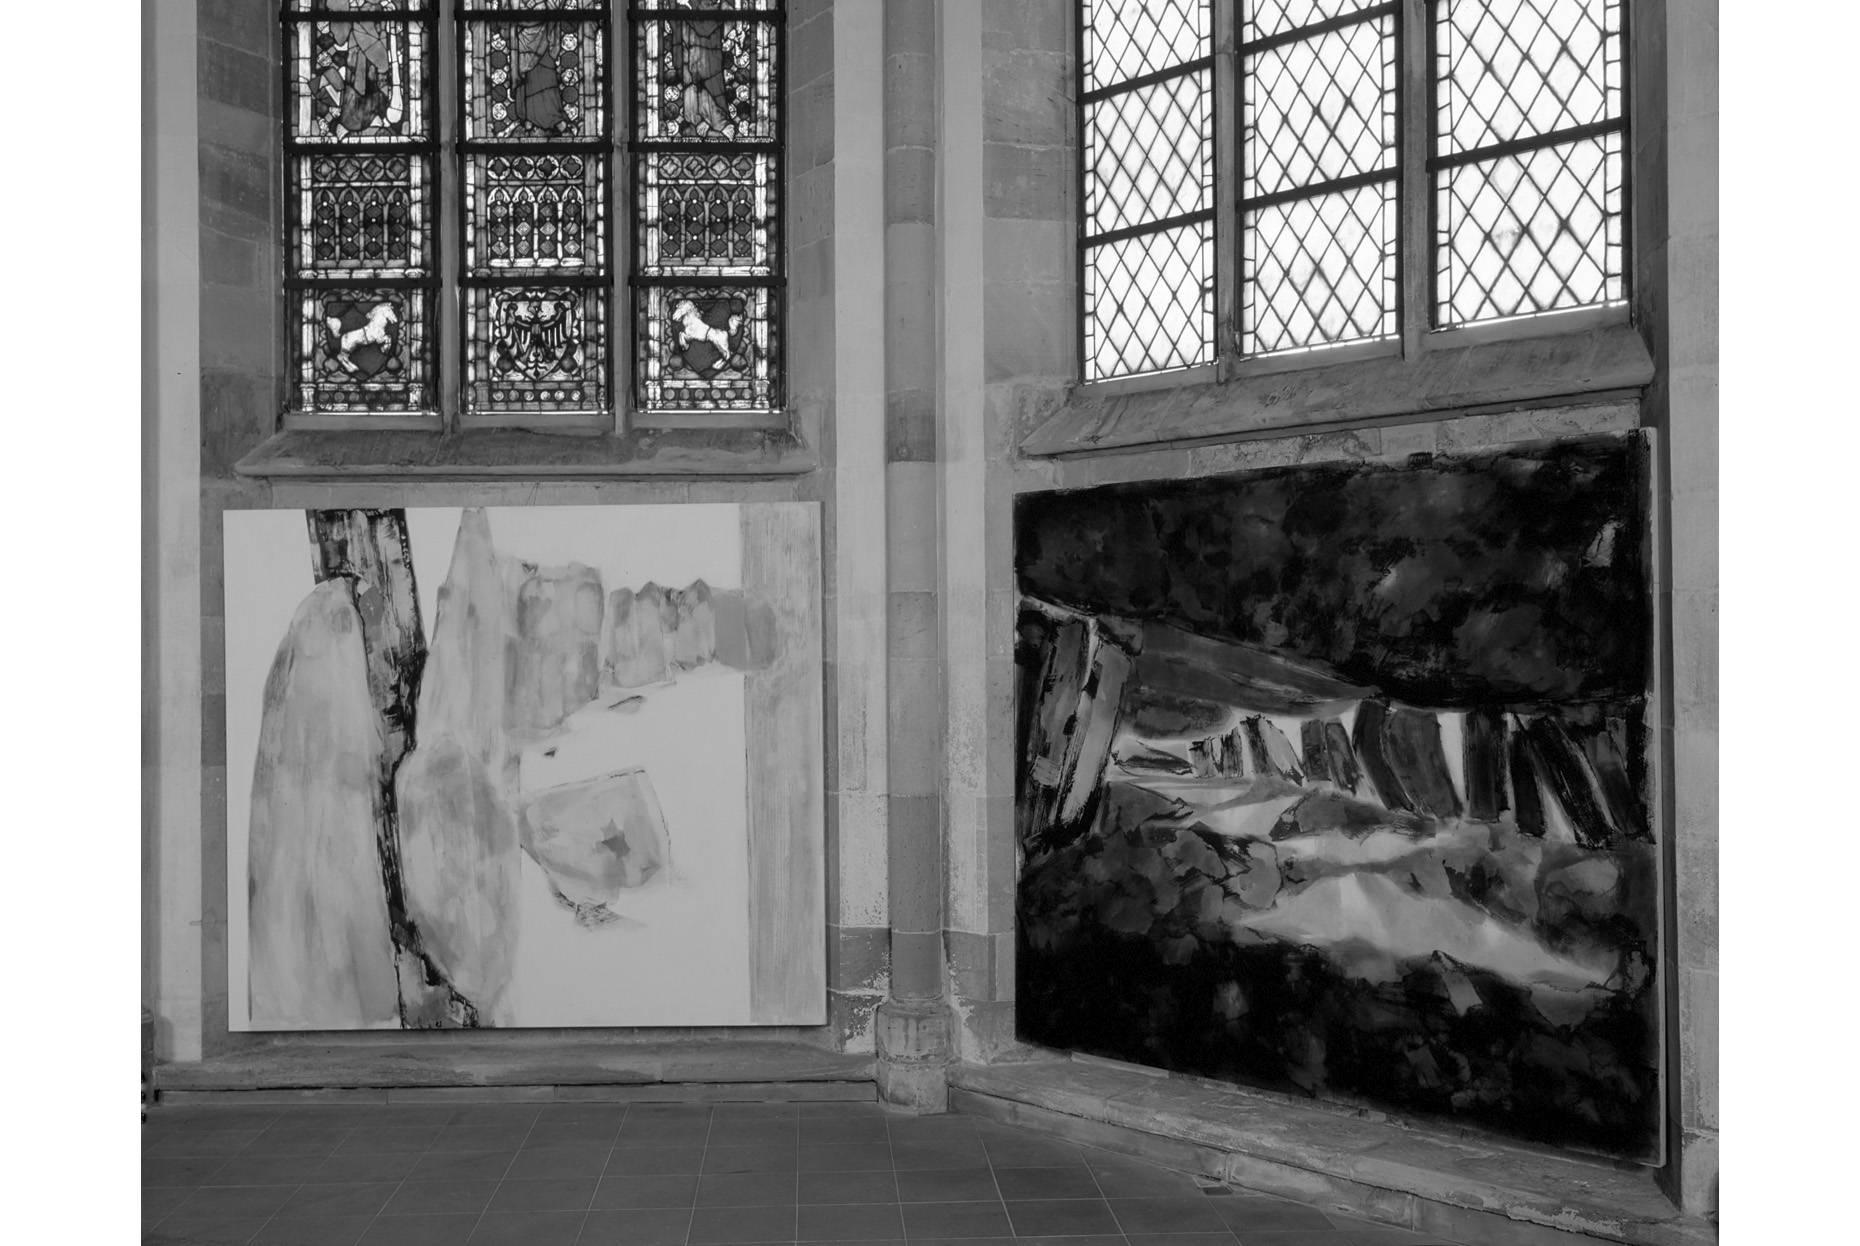 Fundus/Errichtet 1997 gotischer Chorraum St. Johannis Herford